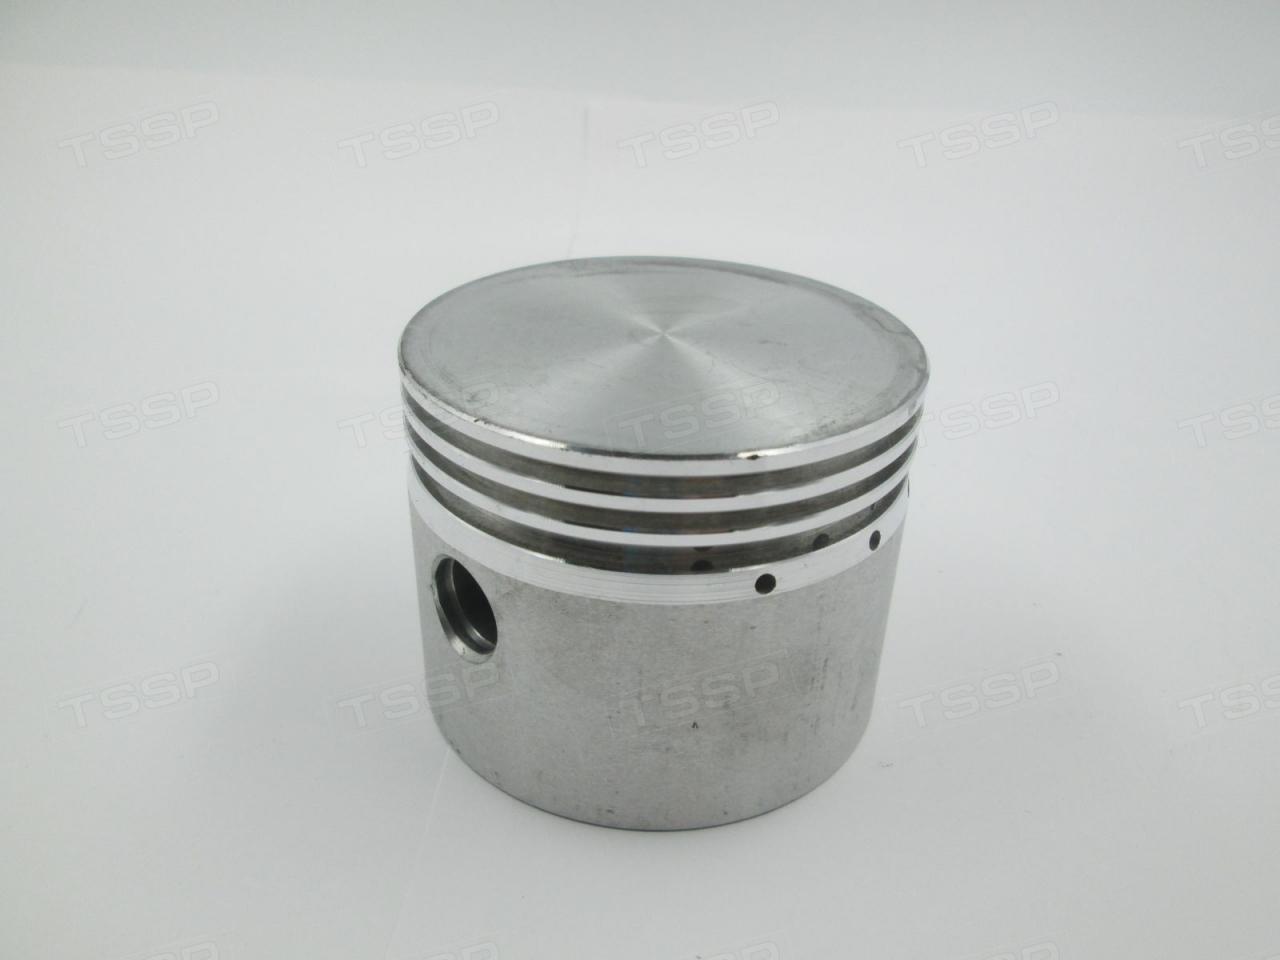 Поршень Ф80мм, LB-50, LB-75